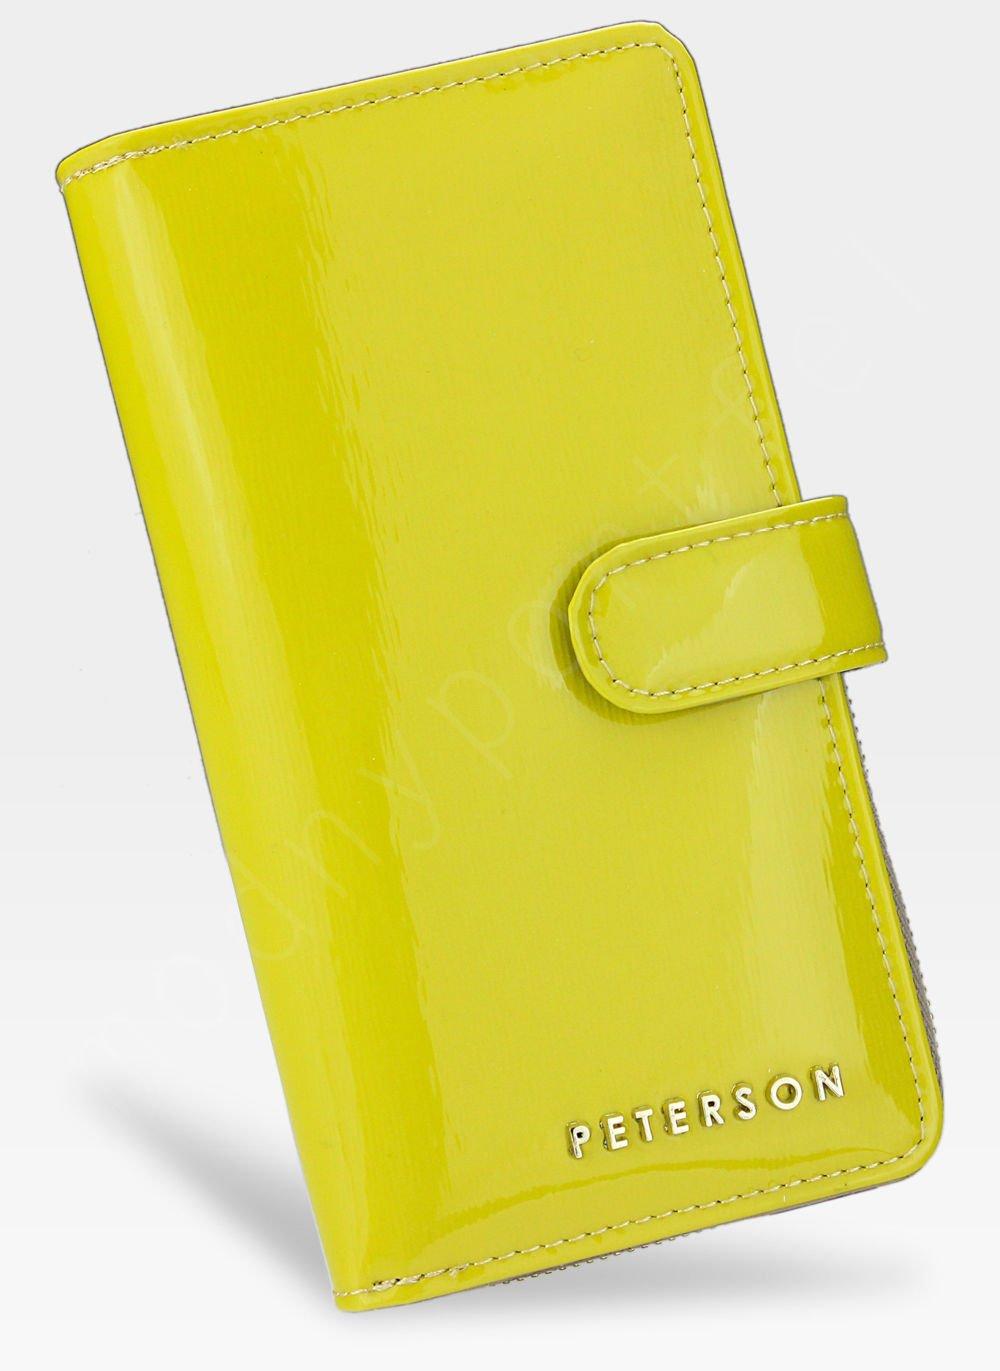 88e206c826819 Portfel Damski Skórzany PETERSON Lakierowany 603 Żółty Błyszczący ...